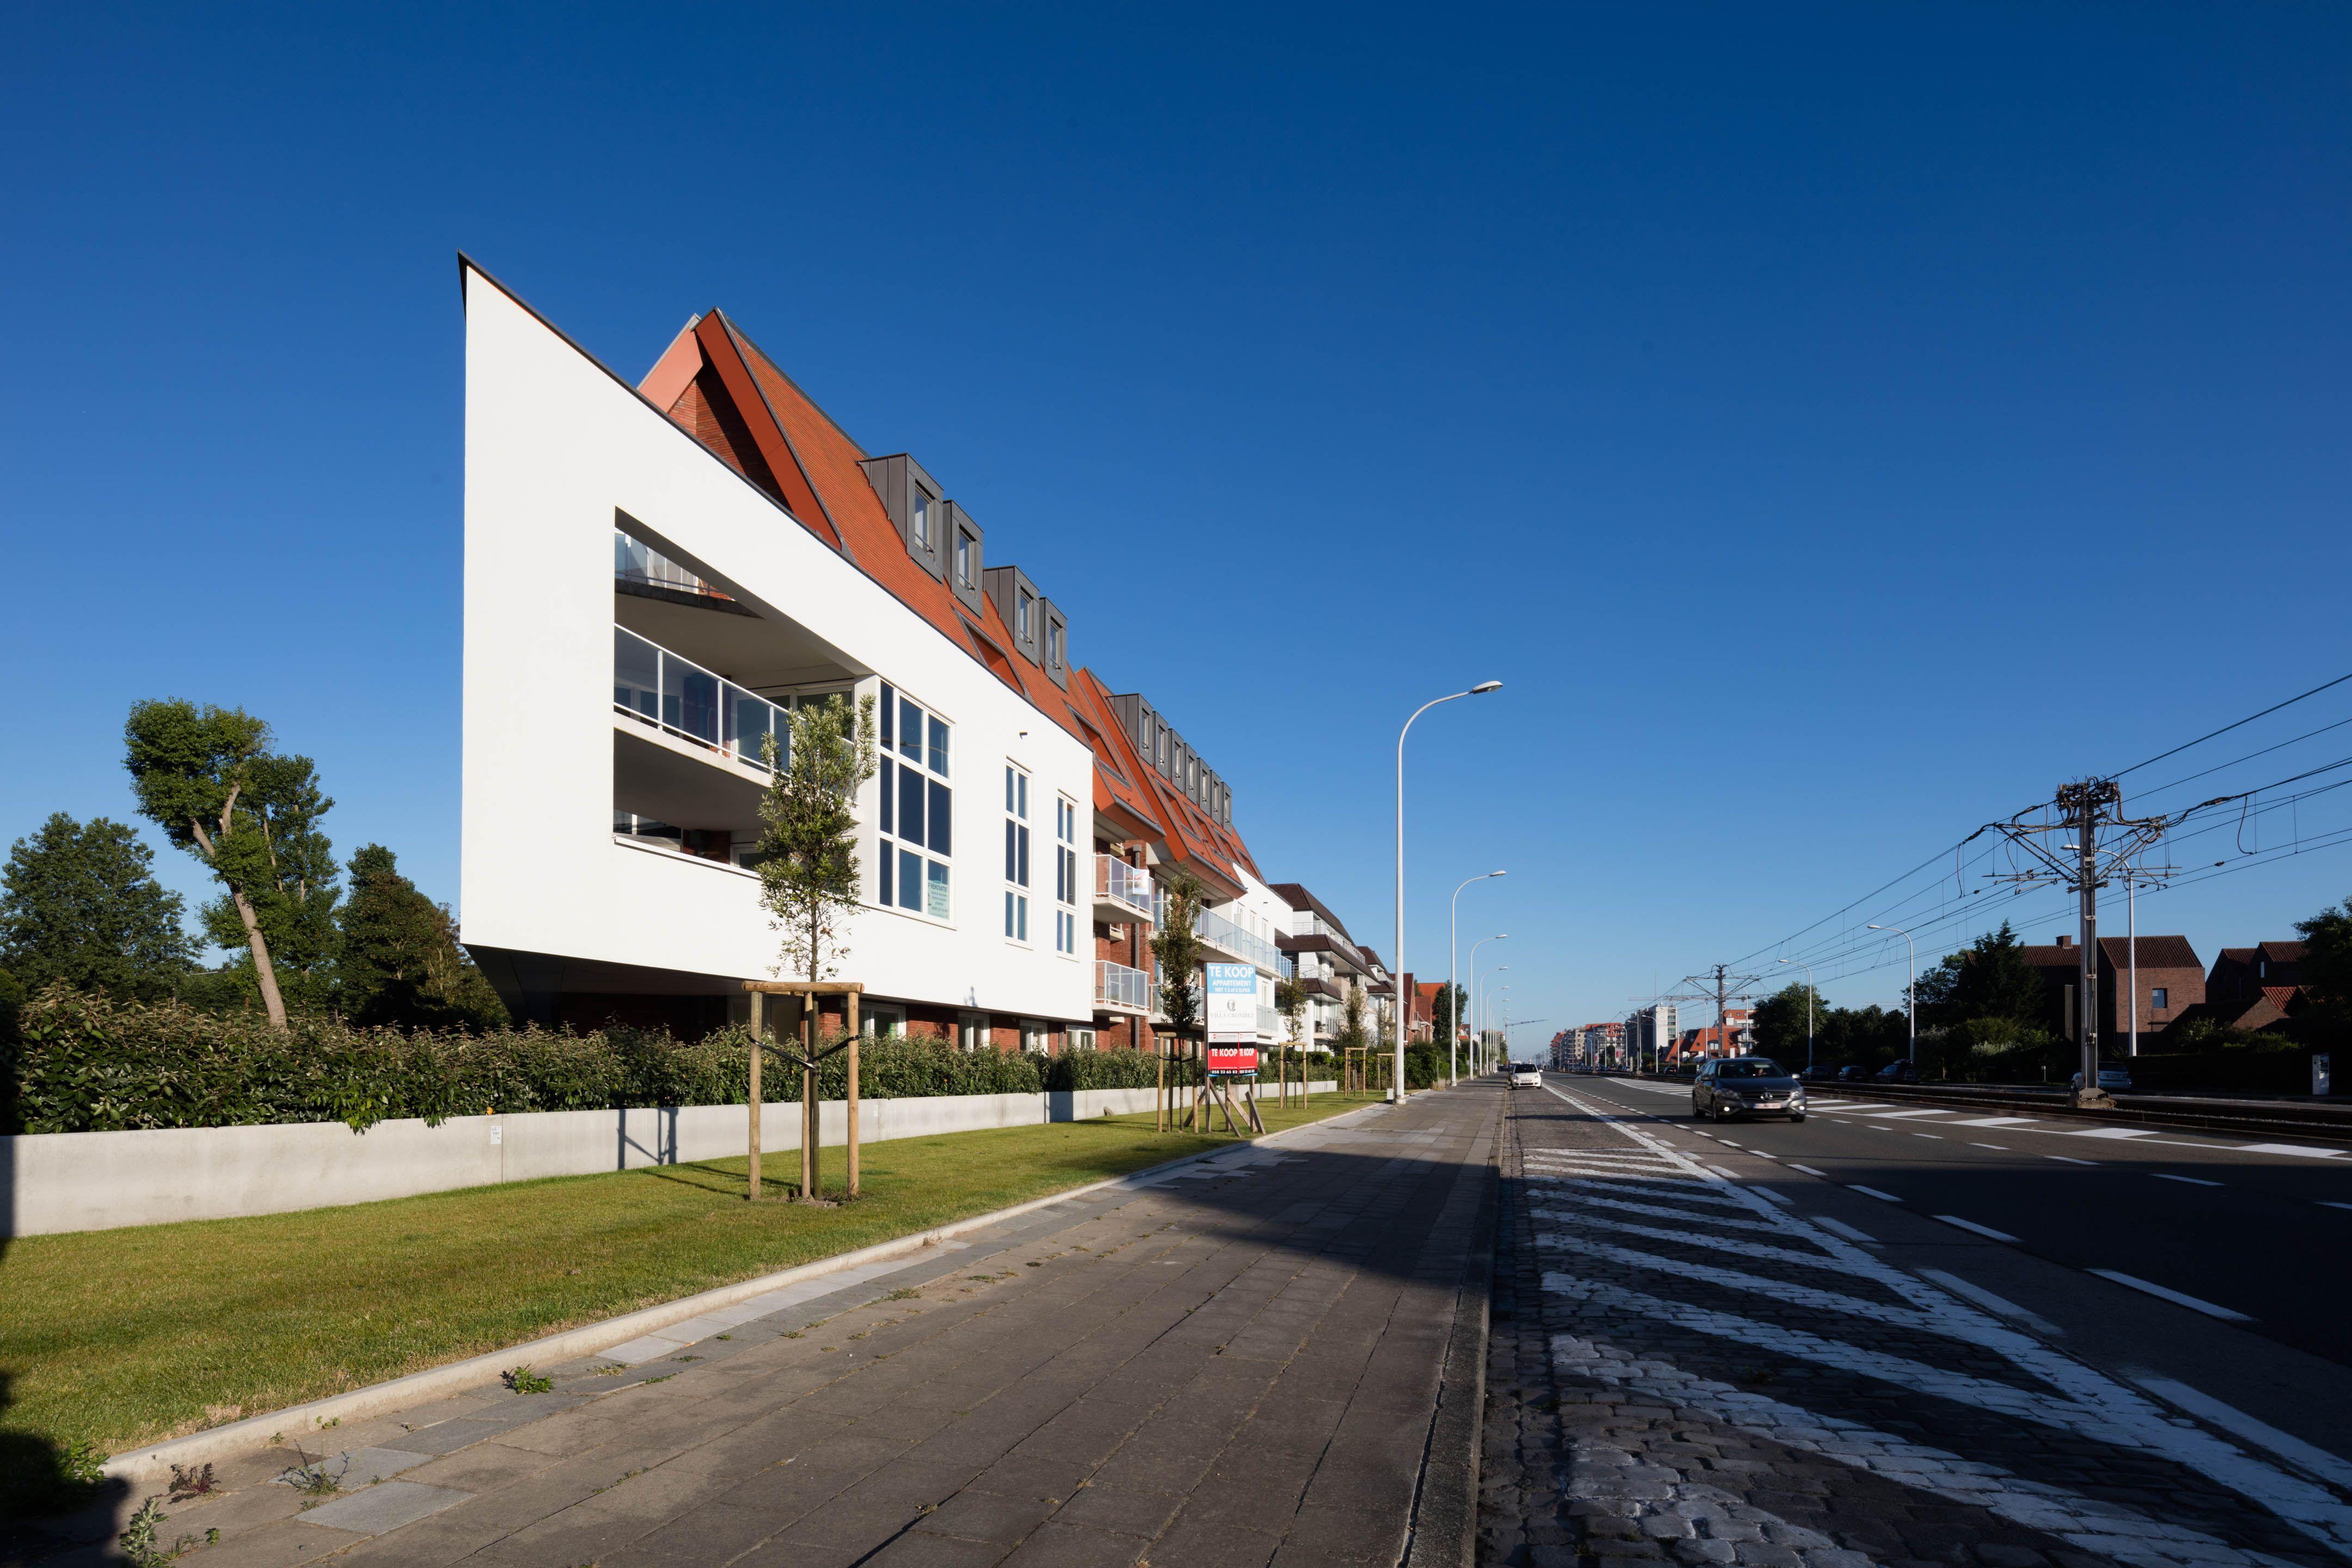 Appartement Residentie Villa Crombez Nieuwpoort - 9290